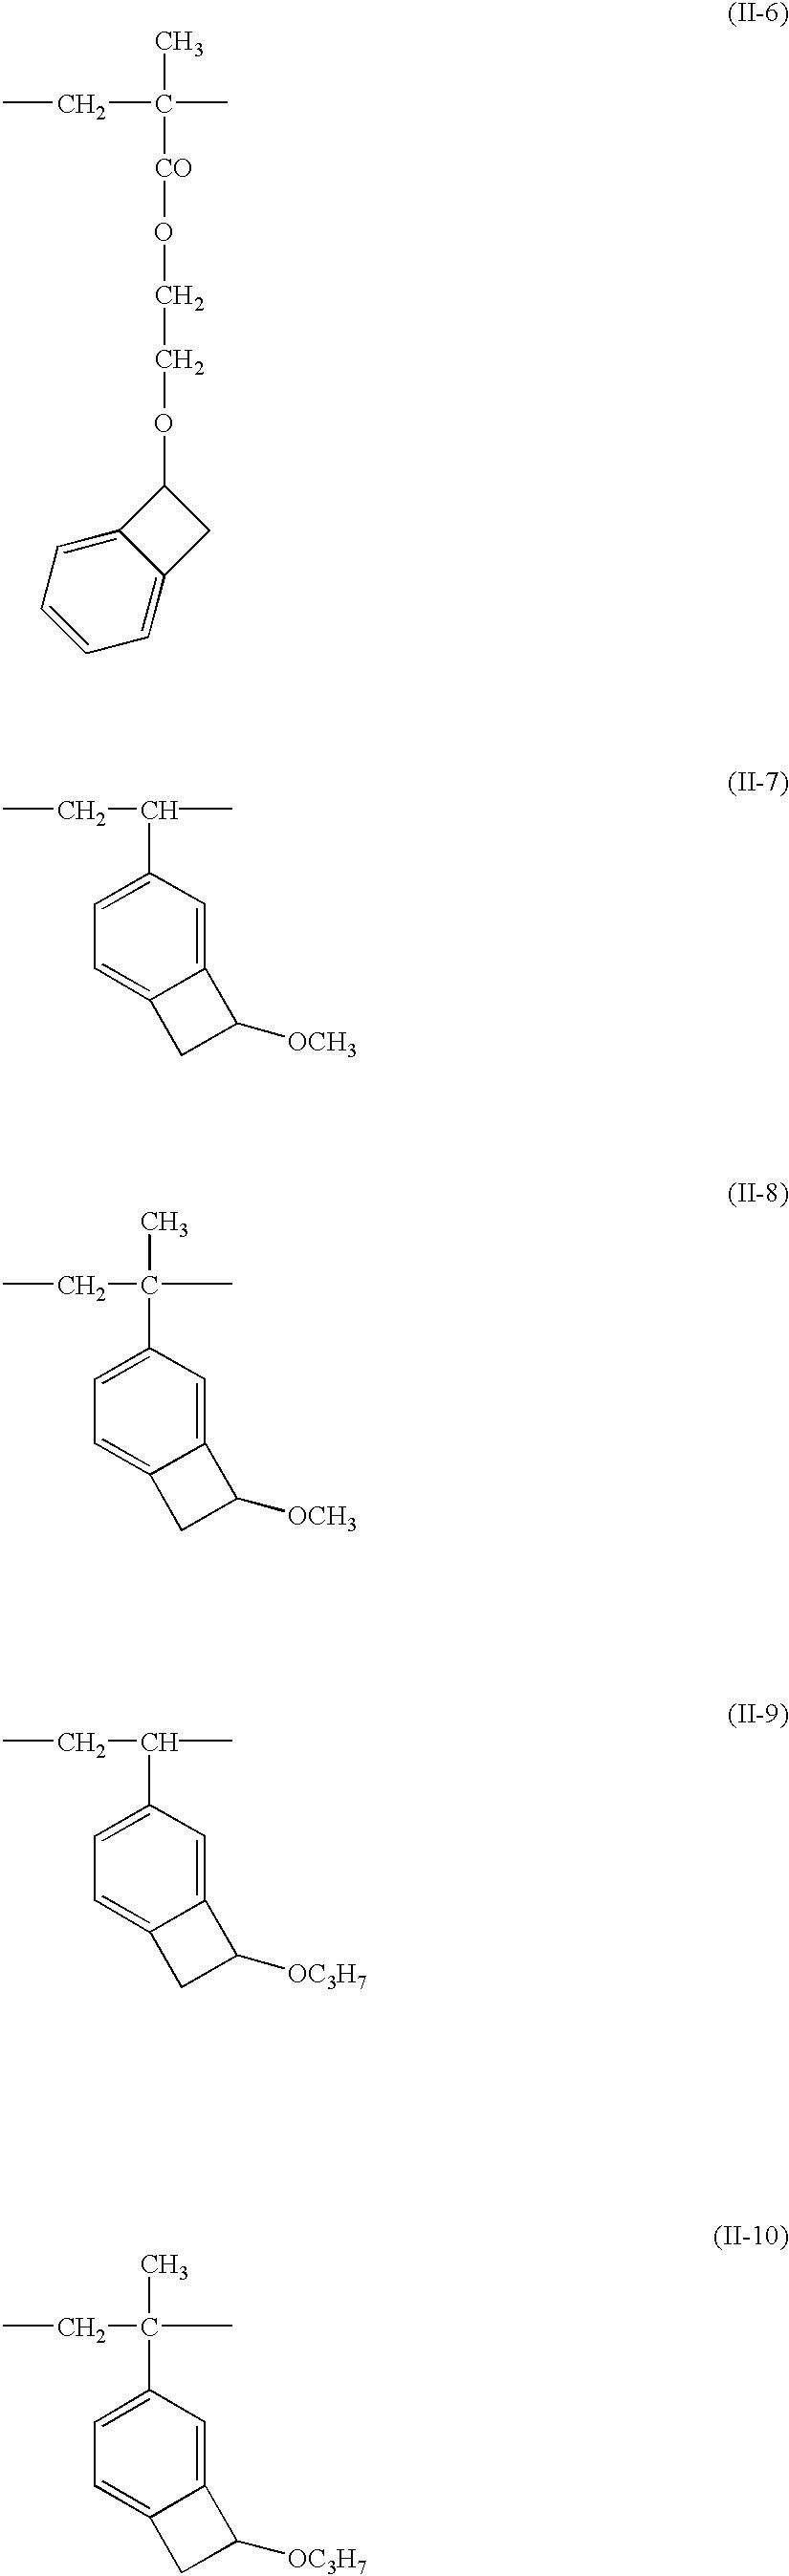 Figure US20030165778A1-20030904-C00024